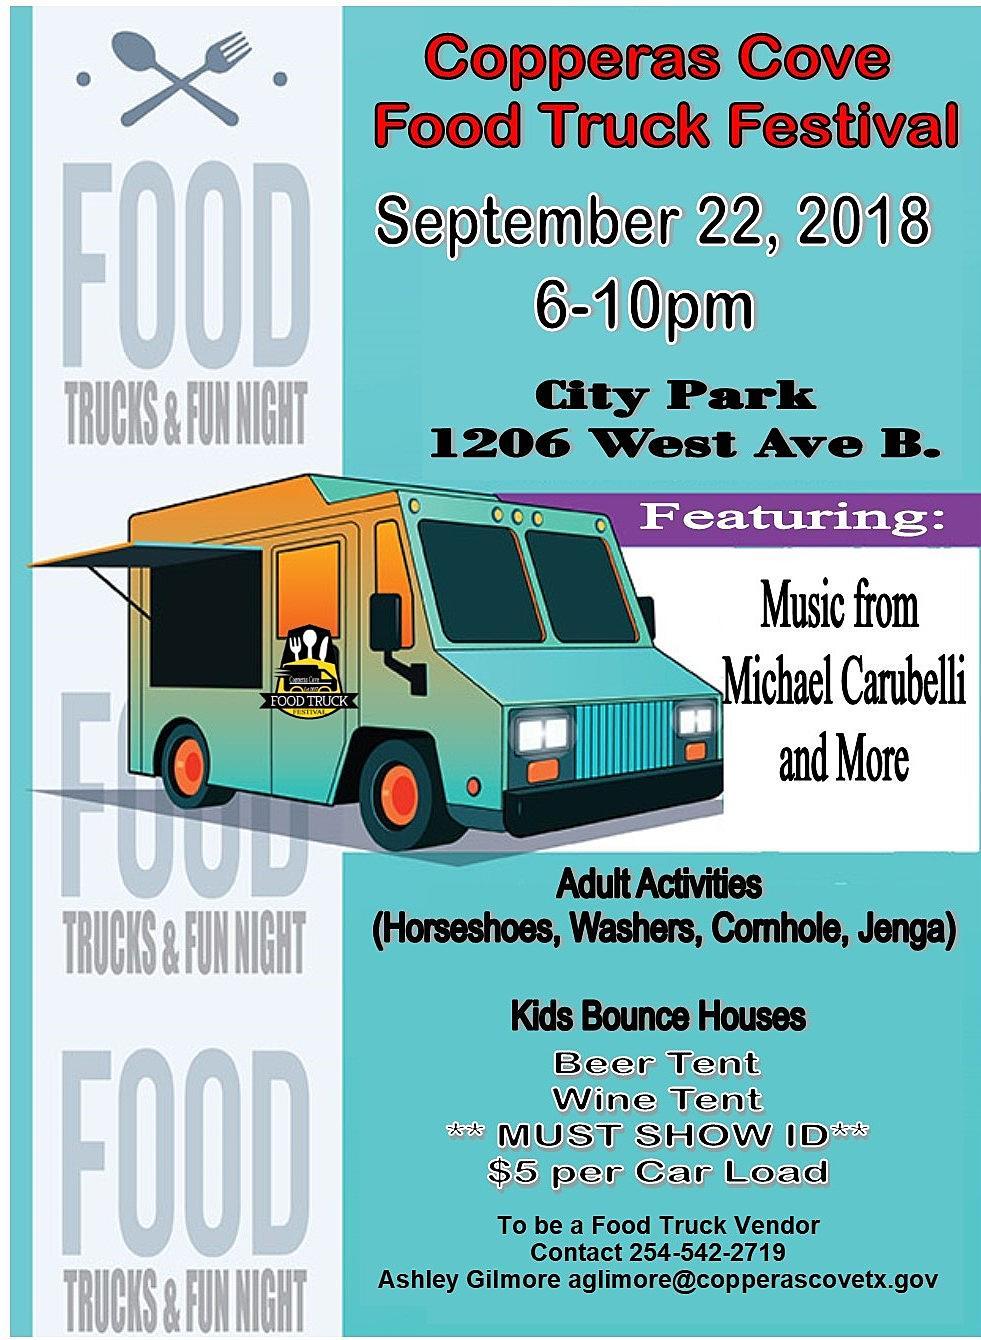 Copperas Cove 2018 Food Truck Festival